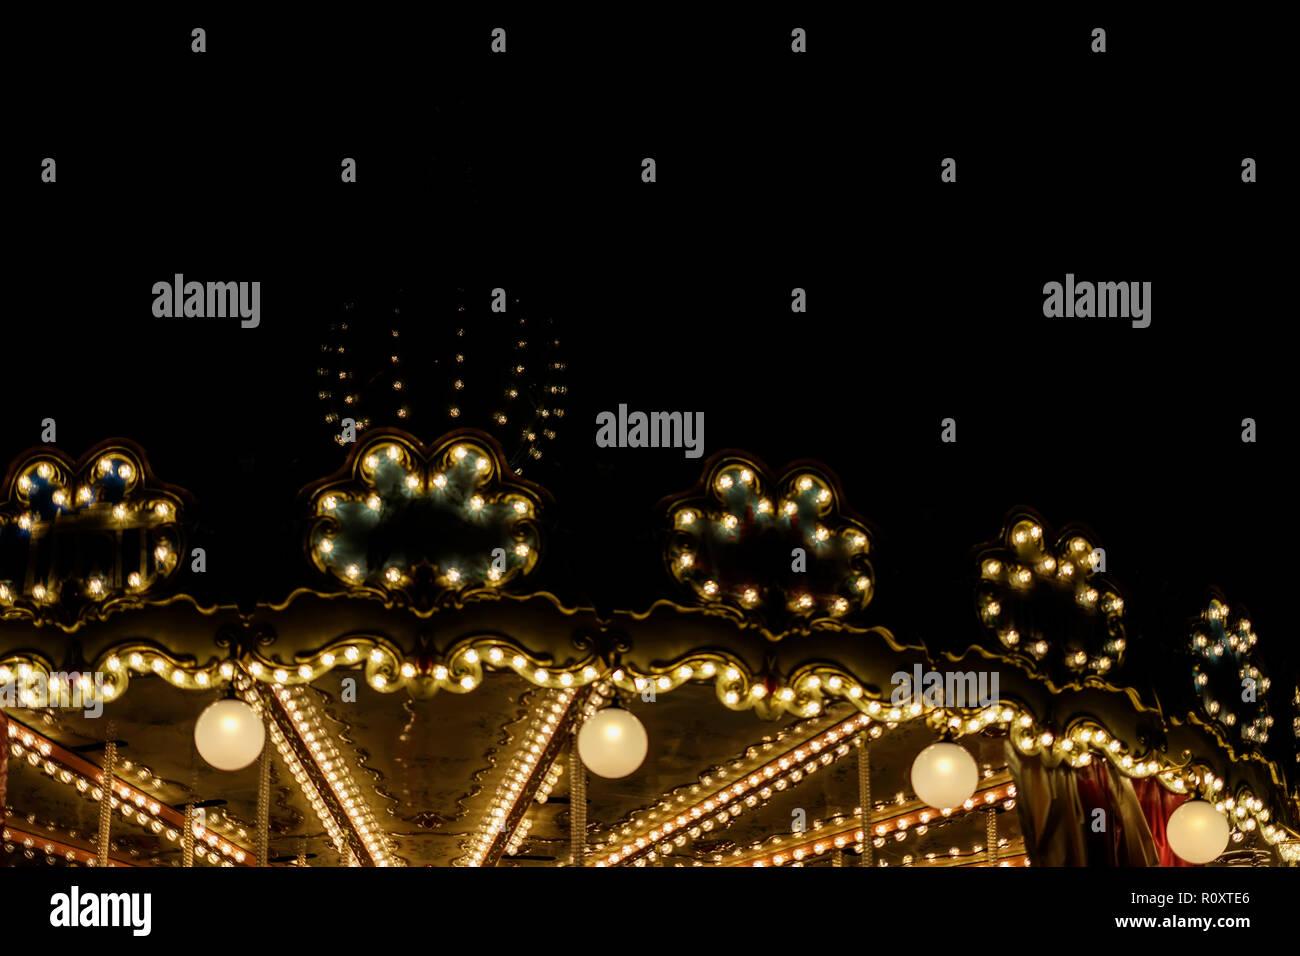 Beleuchtete golden helle Karussell, Silhouette auf Nacht Stadt, romantisch, nostalgische Stimmung, Melancholie, festliche Anlässe, kopieren Raum Stockbild